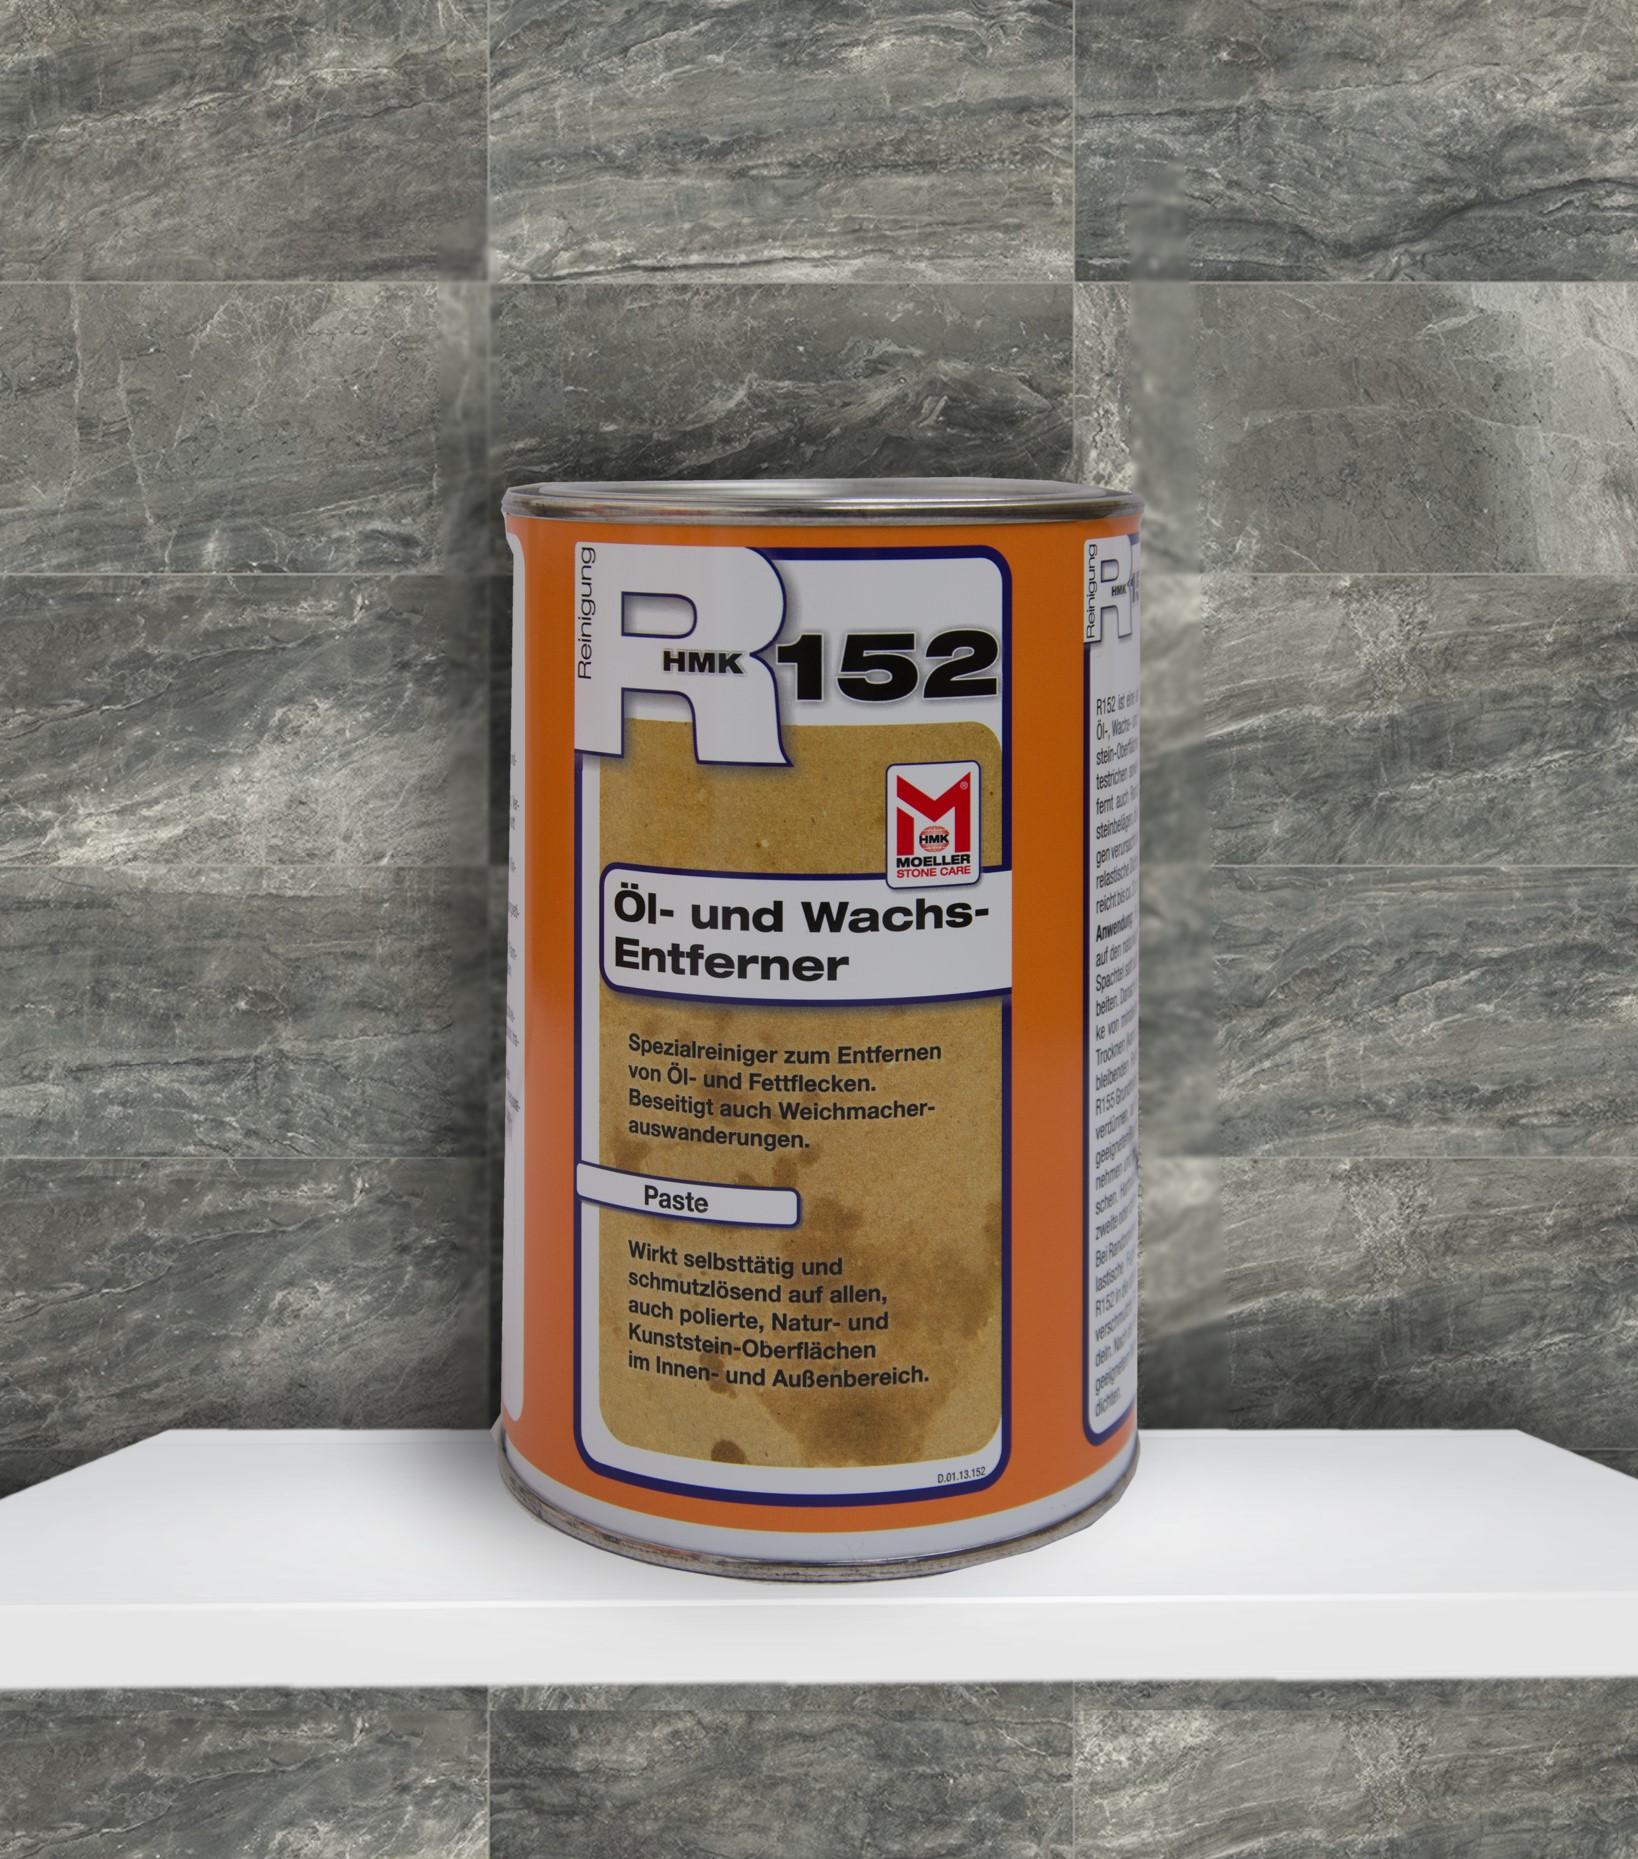 HMK R152 Öl und Wachs Entferner Paste